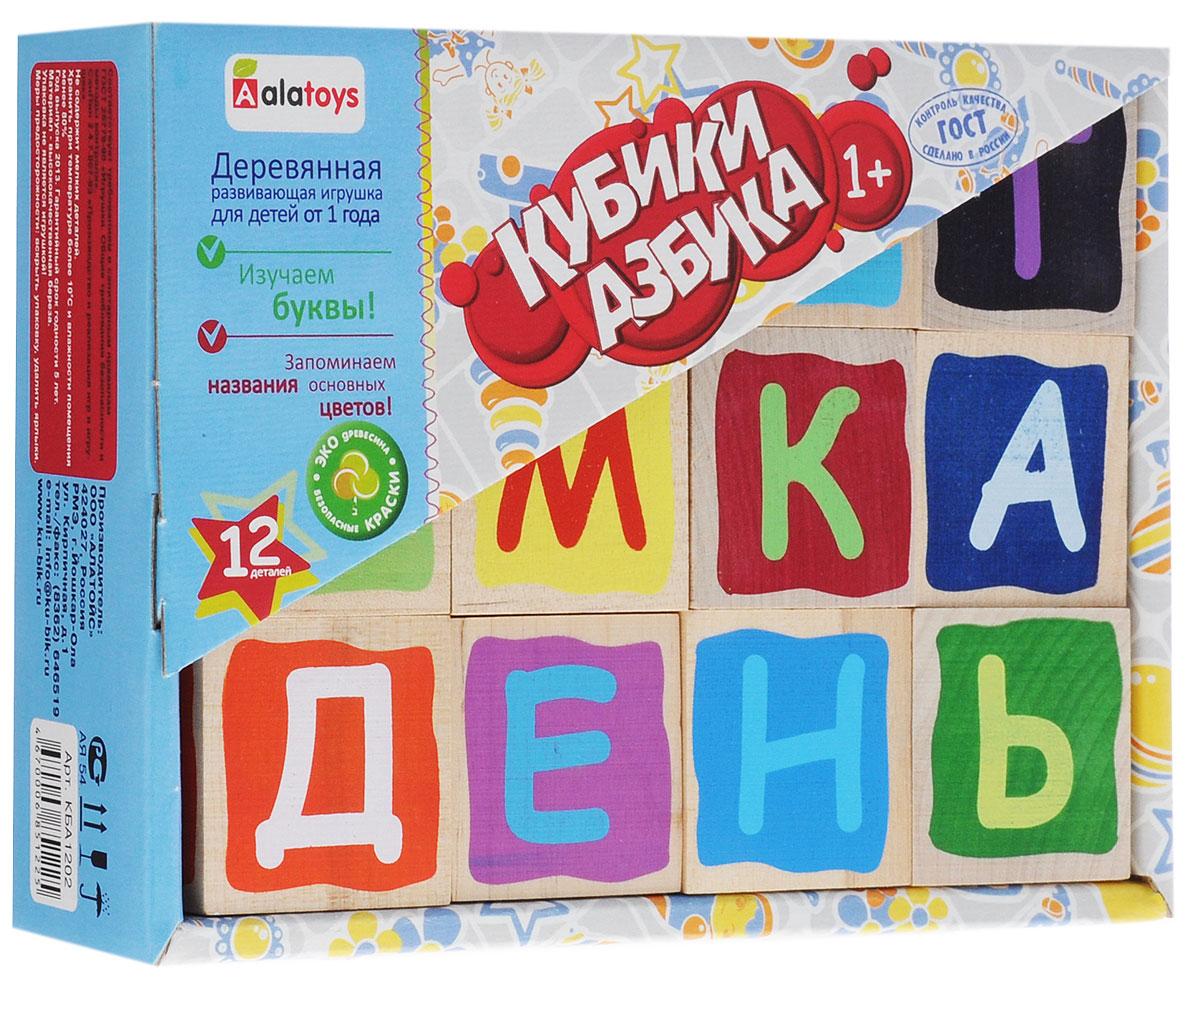 Купить Alatoys Кубики Азбука окрашенные 12 шт КБА1202, ООО Алатойс